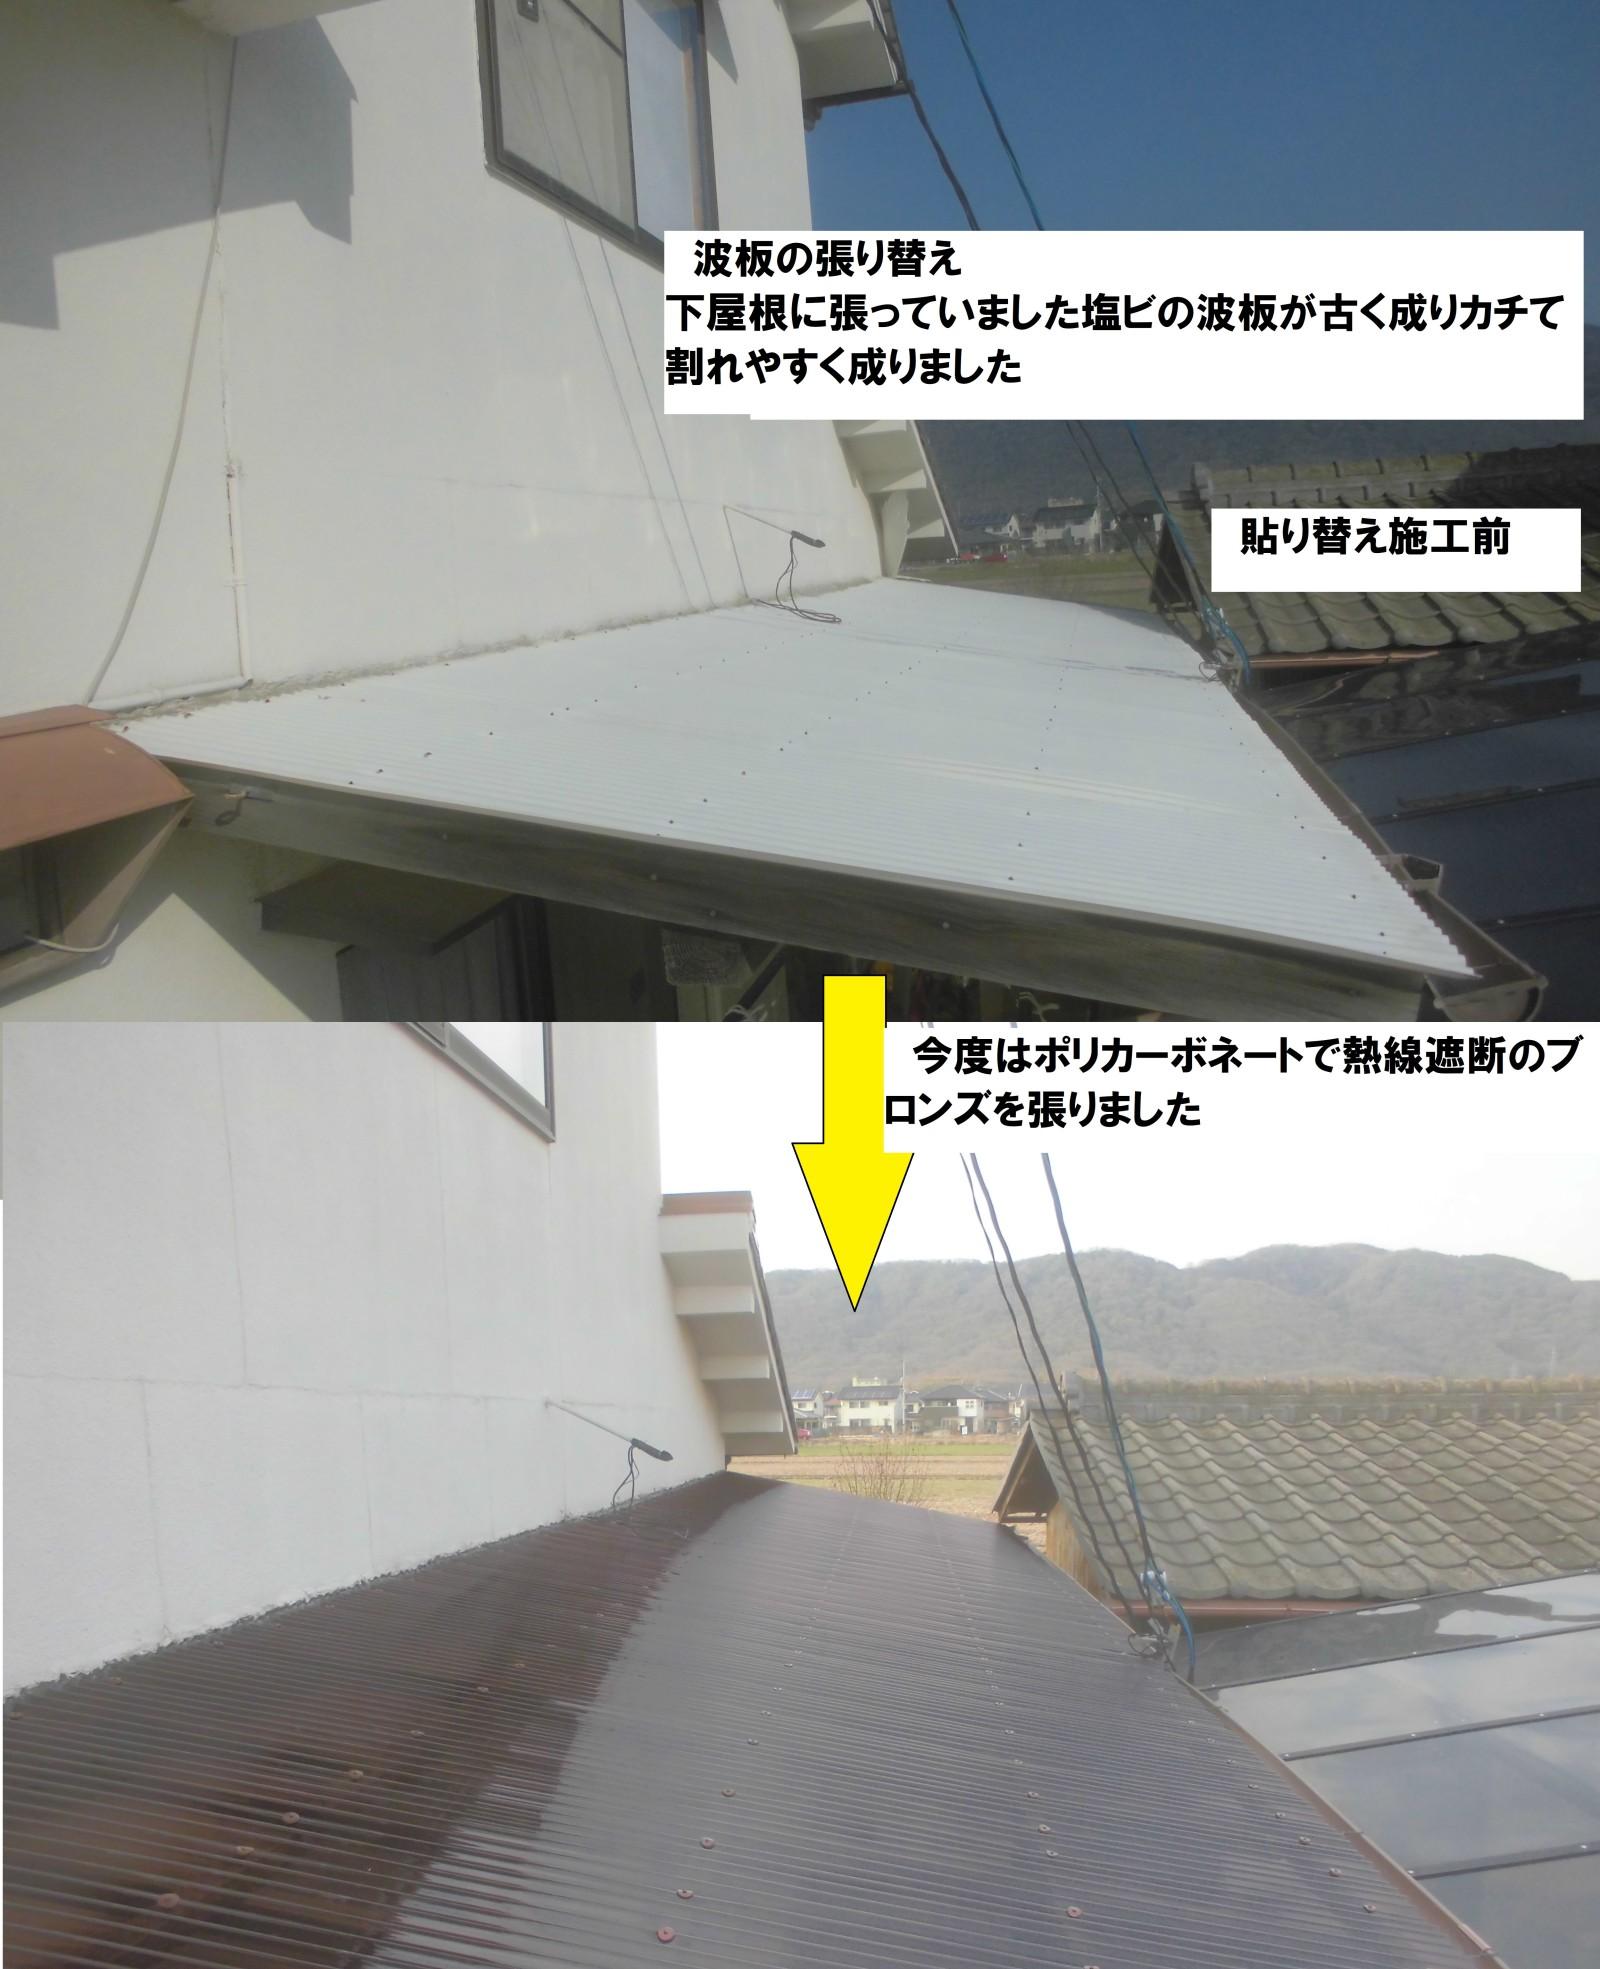 下屋根の塩ビ波板張り替え